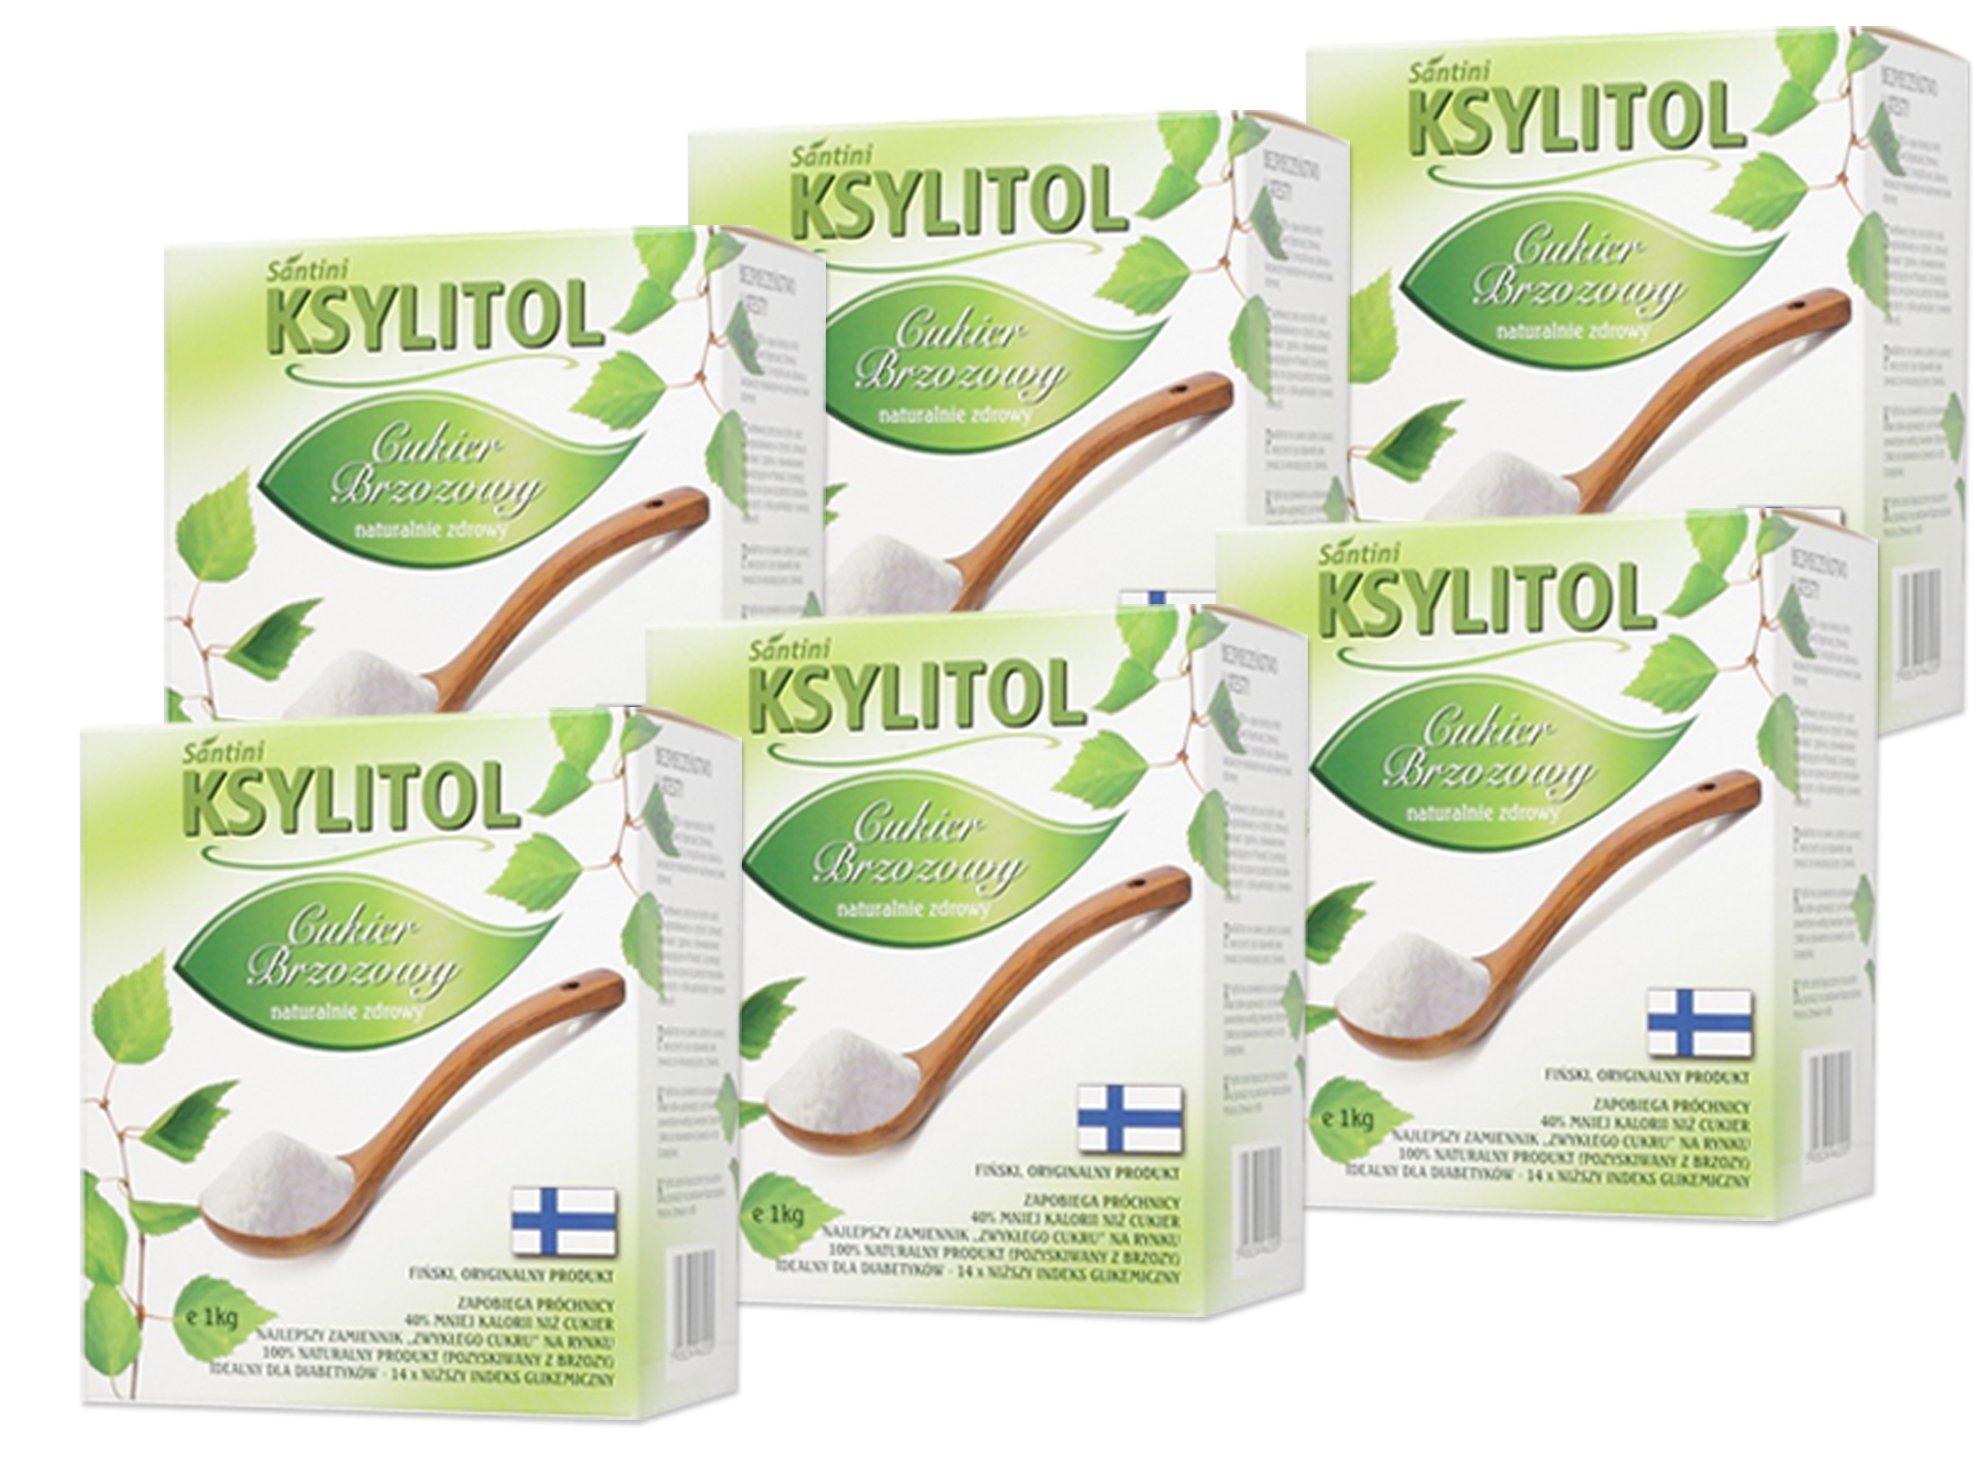 XYLITOL originálne fínske 6 kg 100% cukru rzeszów